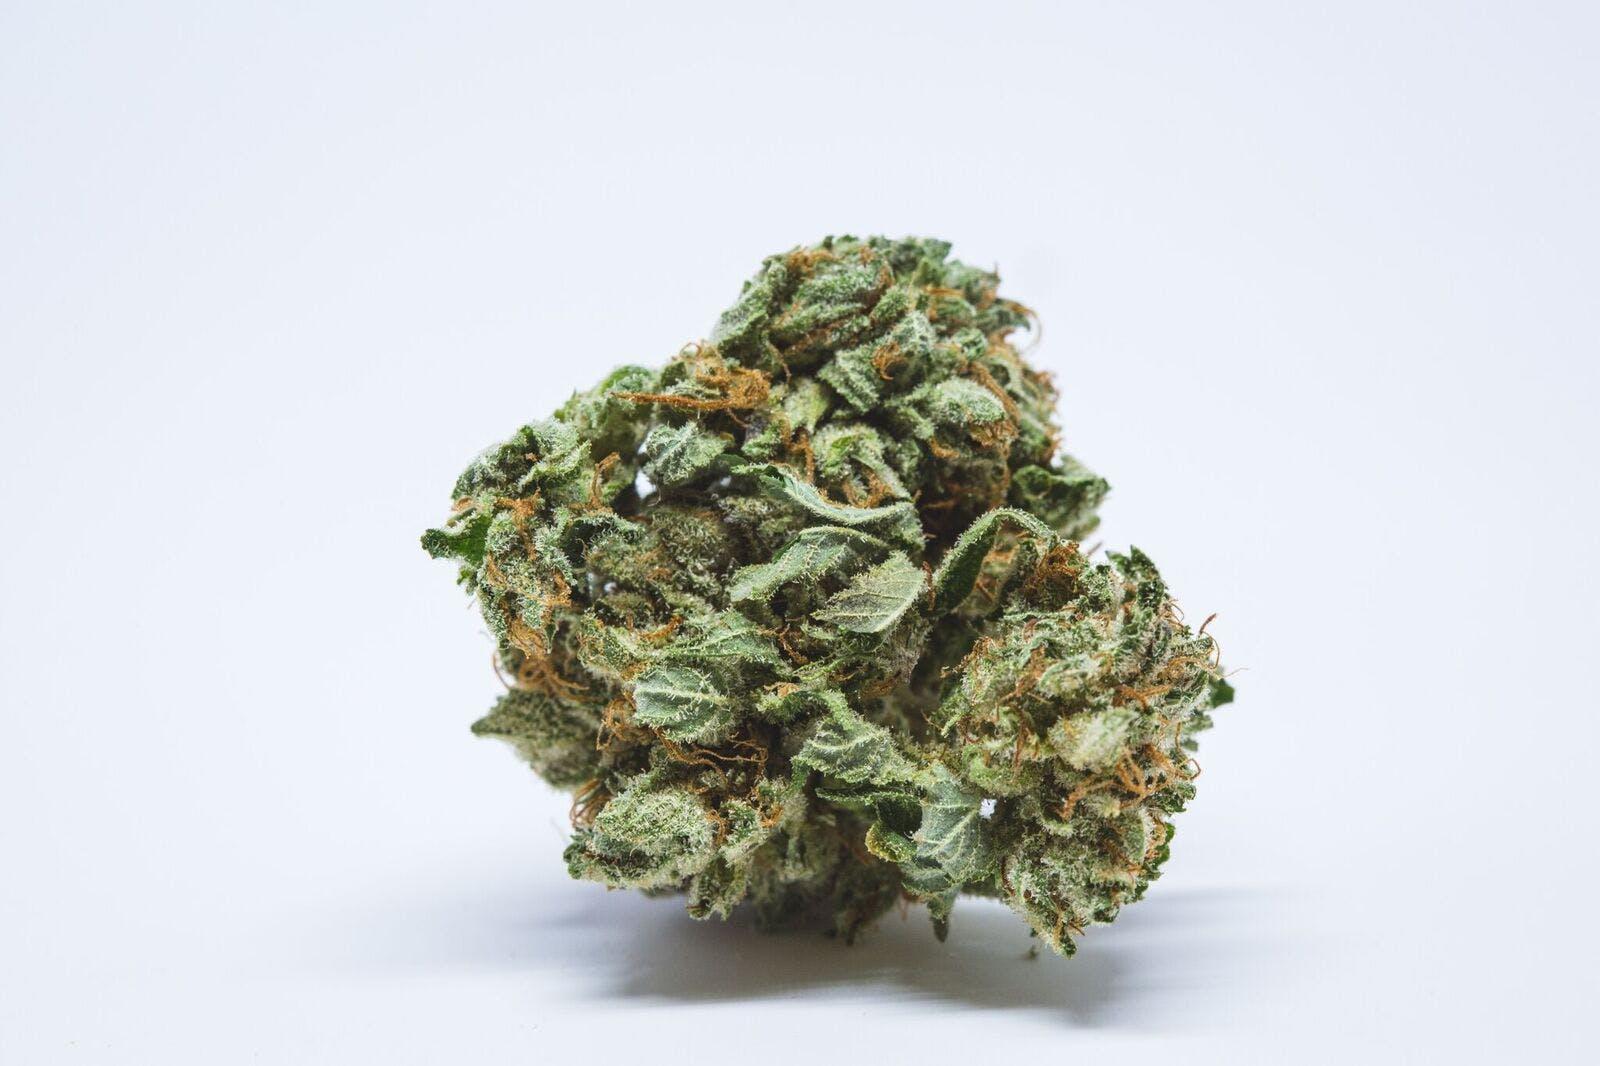 Jah Kush Weed; Jah Kush Cannabis Strain; Jah Kush Hybrid Marijuana Strain